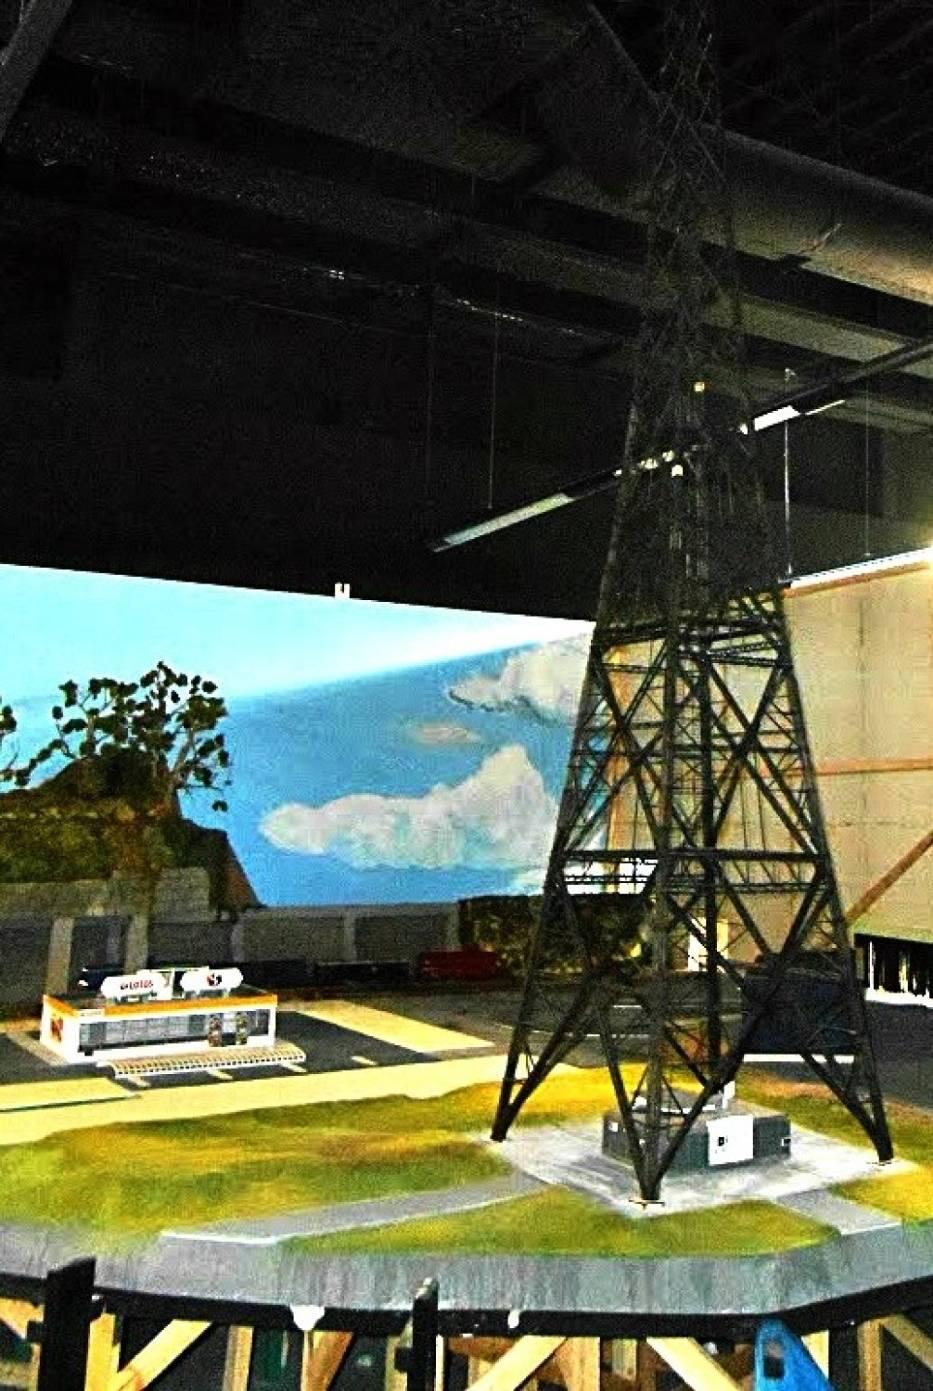 Radiostację można zobaczyć na makiecie w Kolejkowie Gliwice